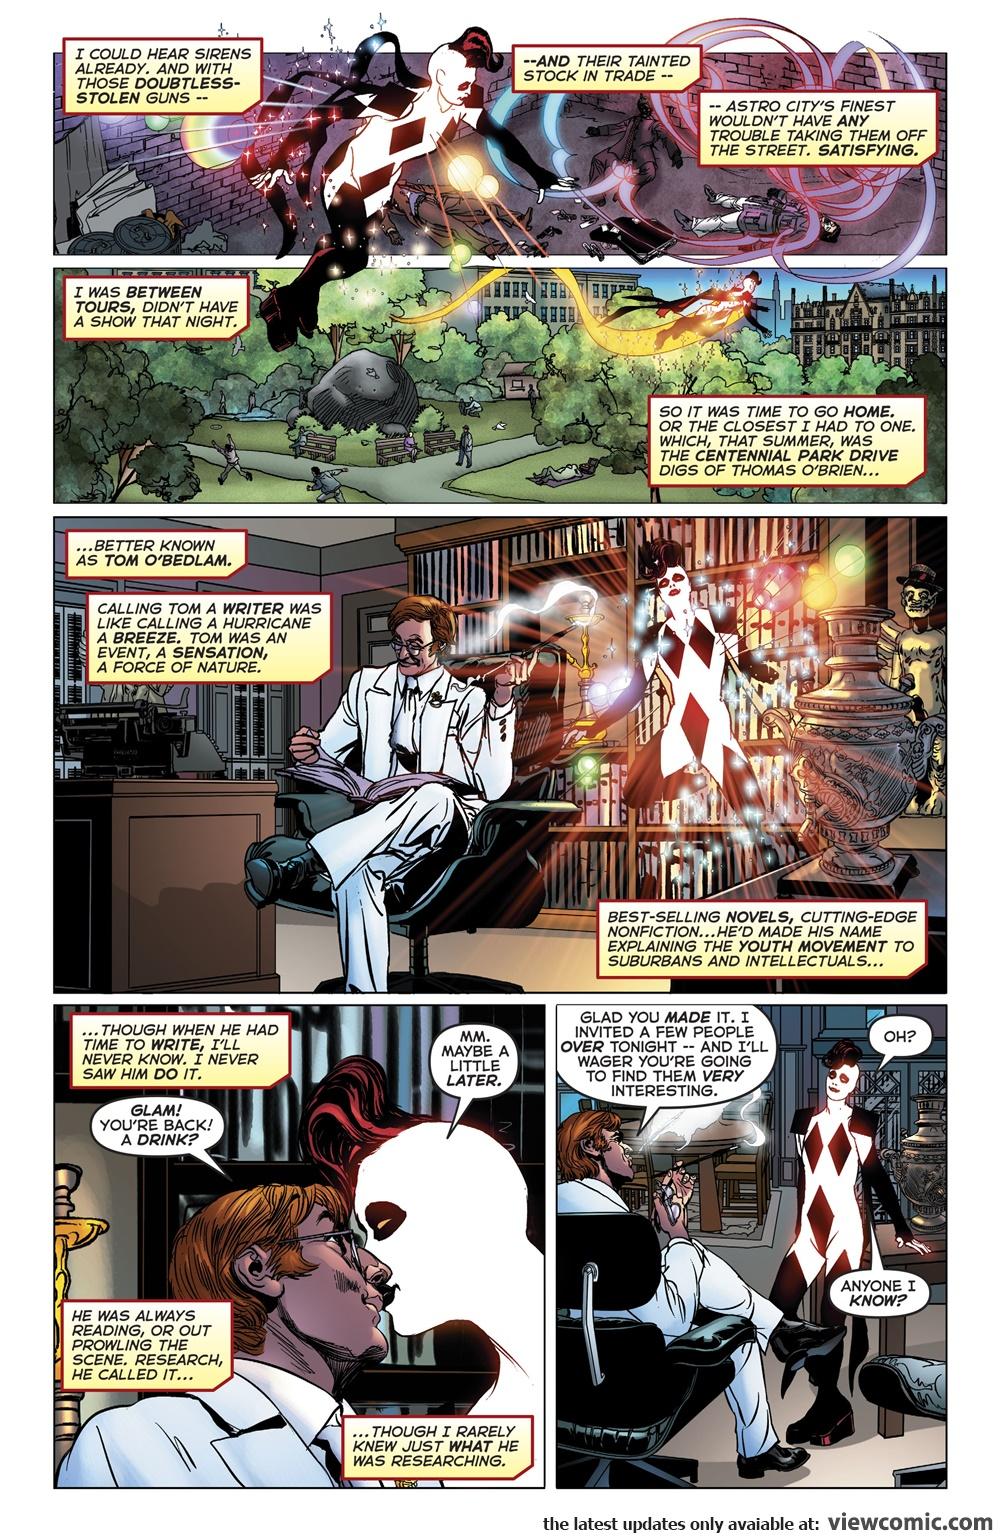 Astro City 045 (2017)  | Vietcomic.net reading comics online for free